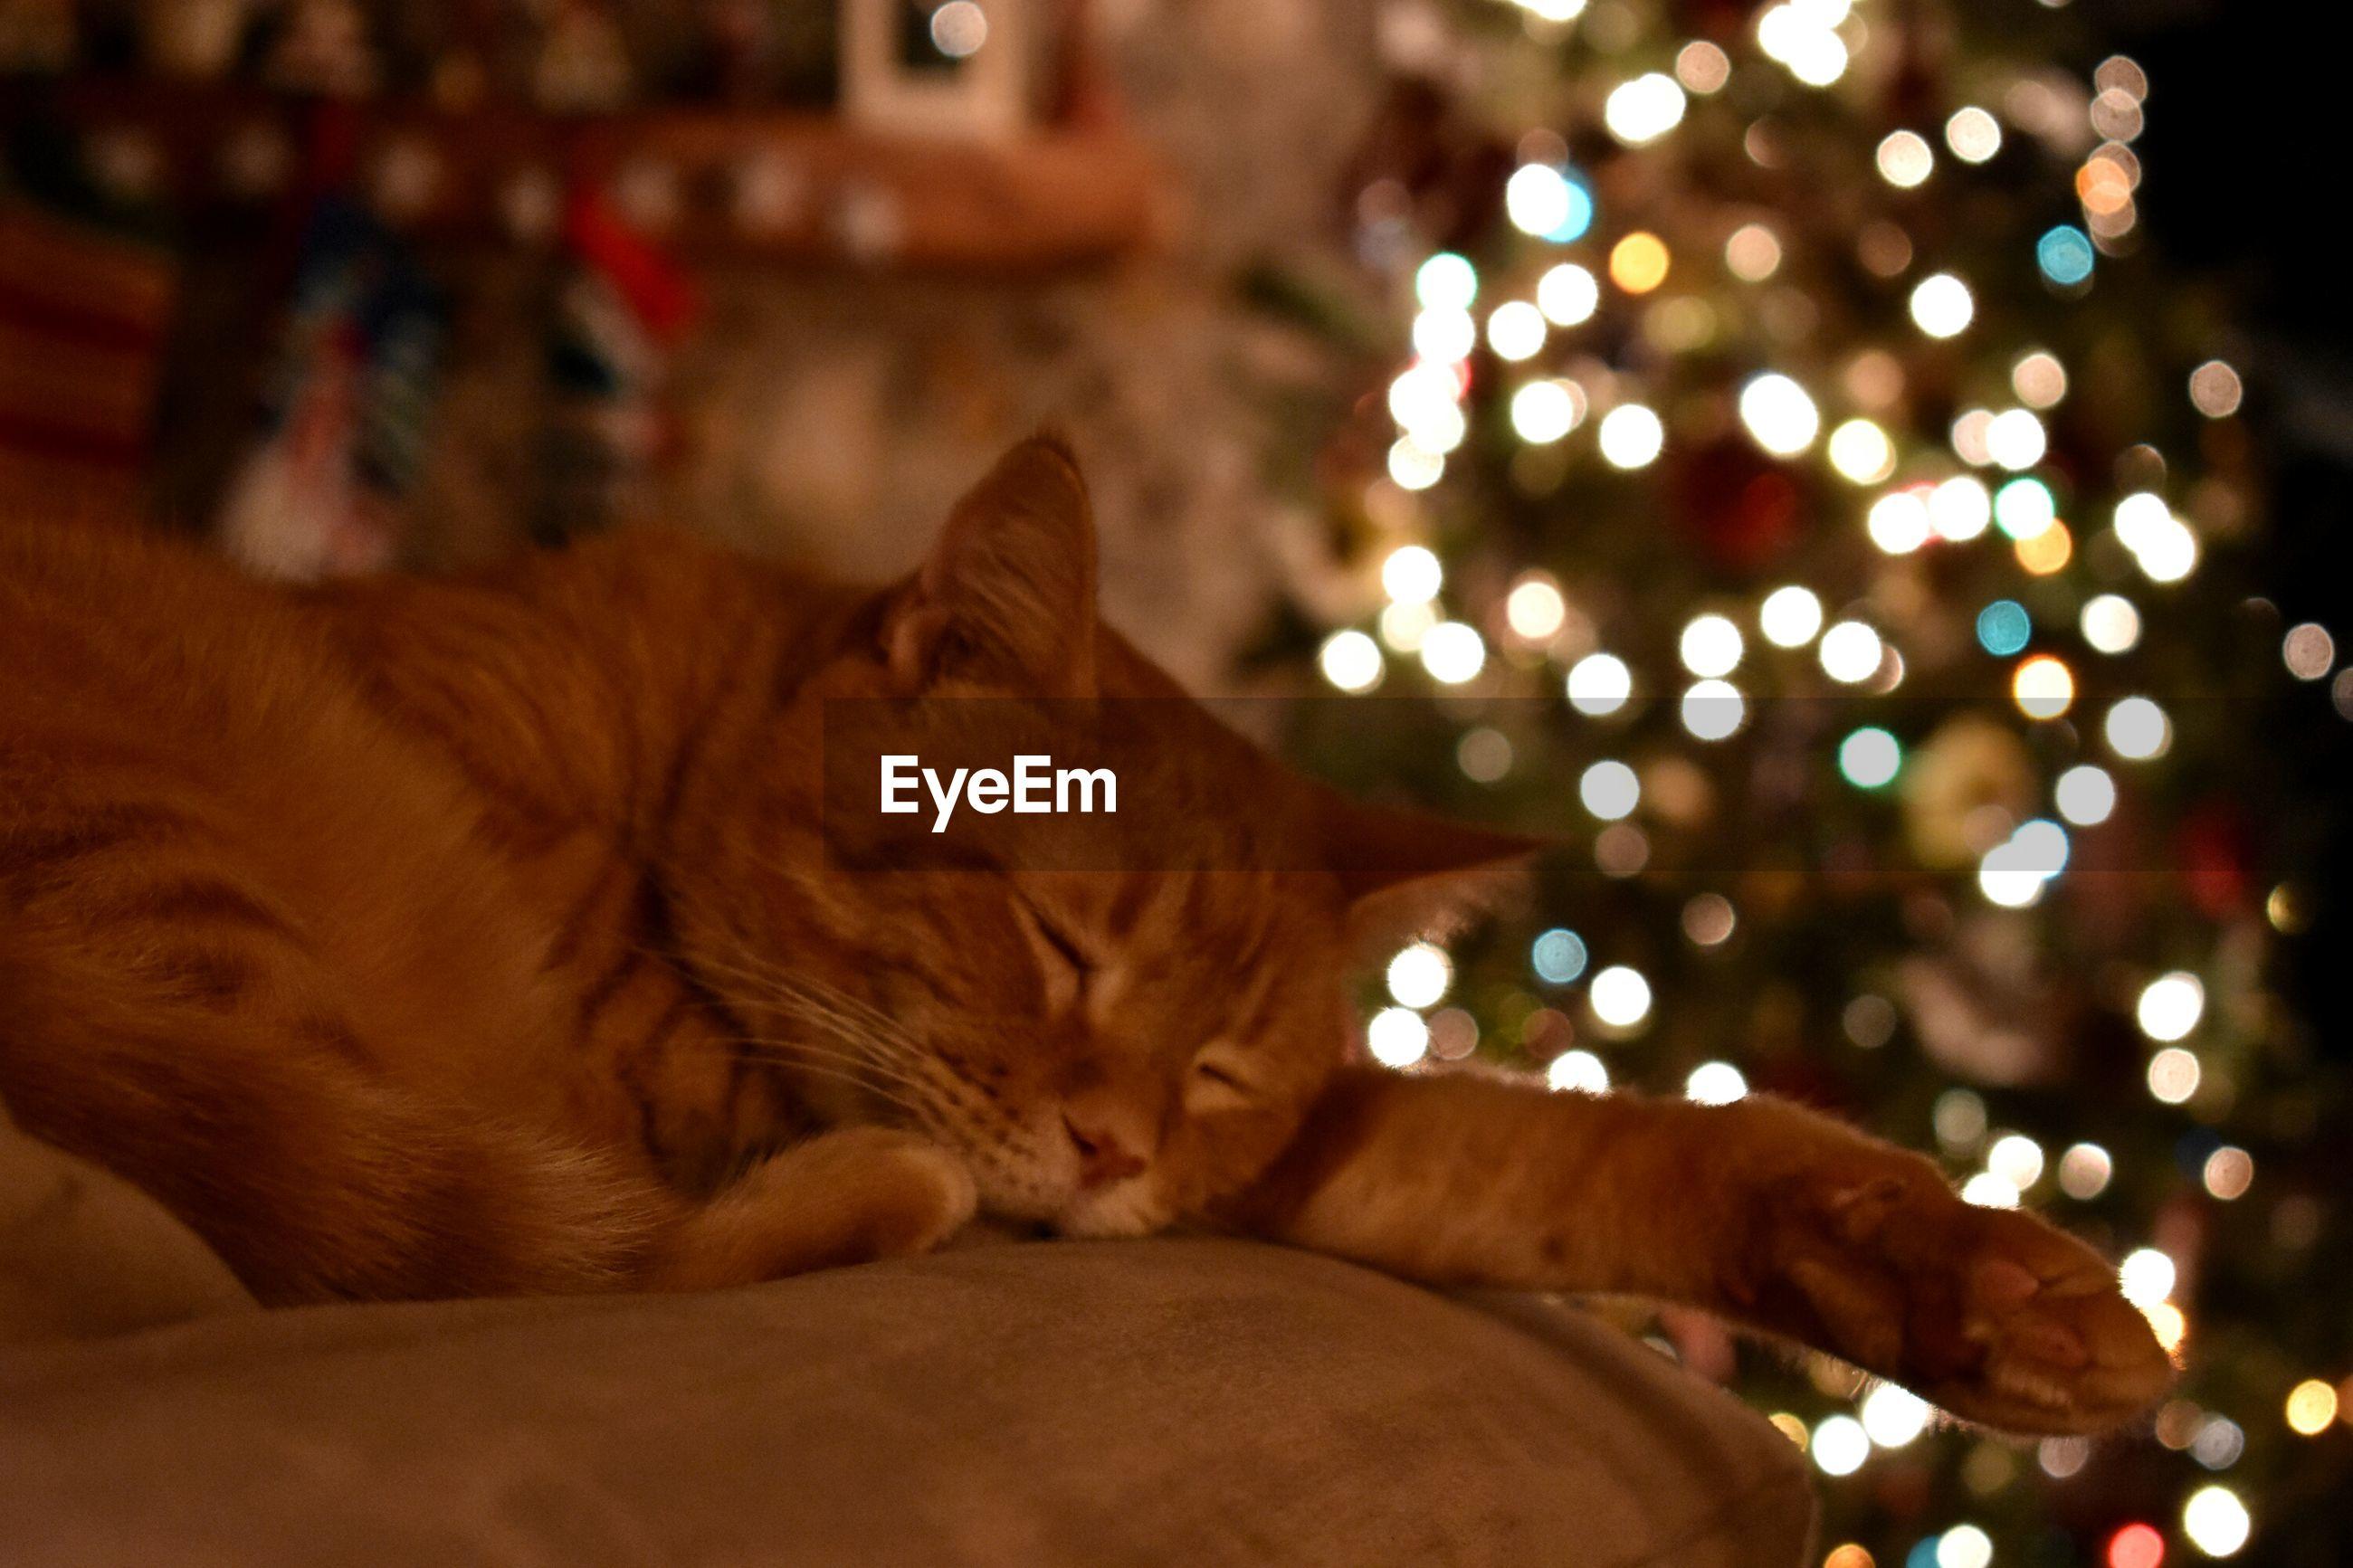 CLOSE-UP OF GINGER CAT LYING ON ILLUMINATED CHRISTMAS TREE